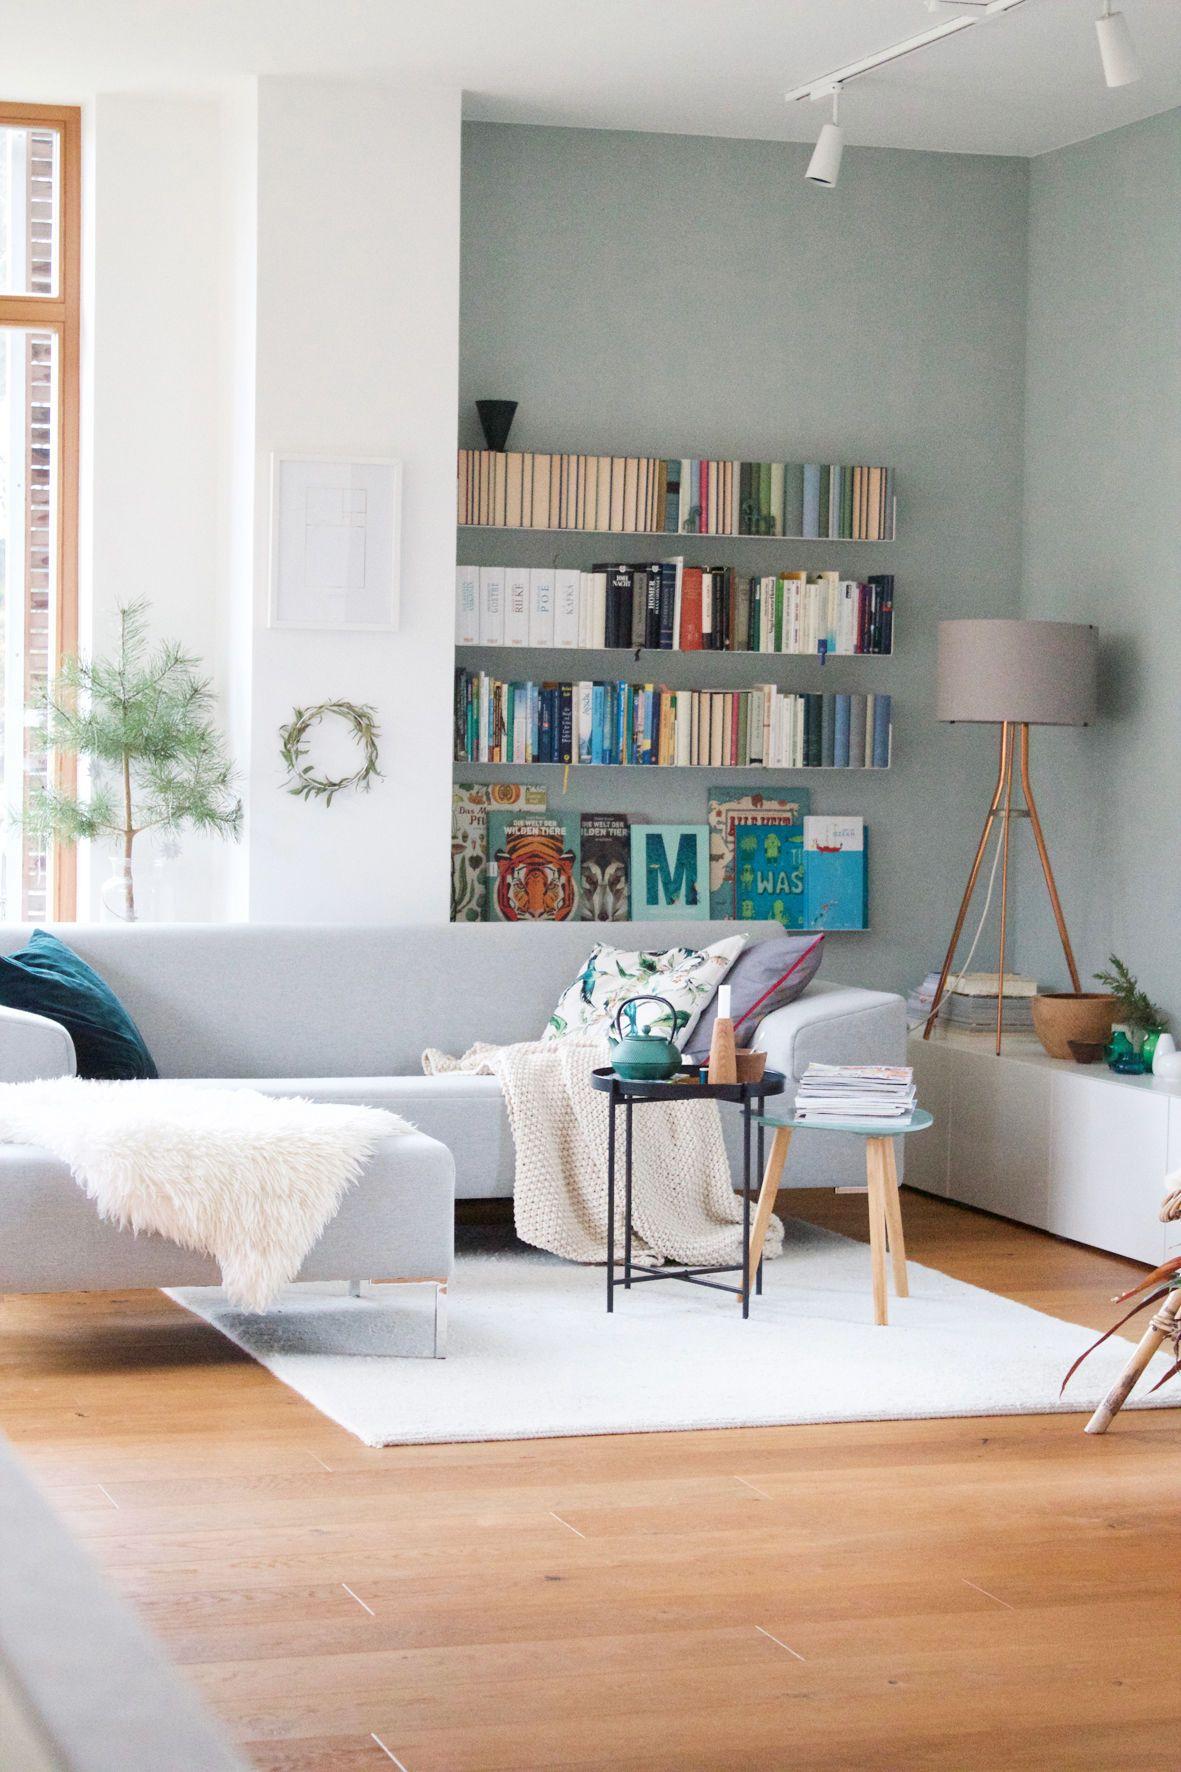 Full Size of Wohnideen Im Skandinavischen Design Und Wohnstil Wohnzimmer Deckenlampen Led Beleuchtung Teppich Deckenleuchte Deckenleuchten Indirekte Moderne Deckenlampe Wohnzimmer Wohnzimmer Wandbilder